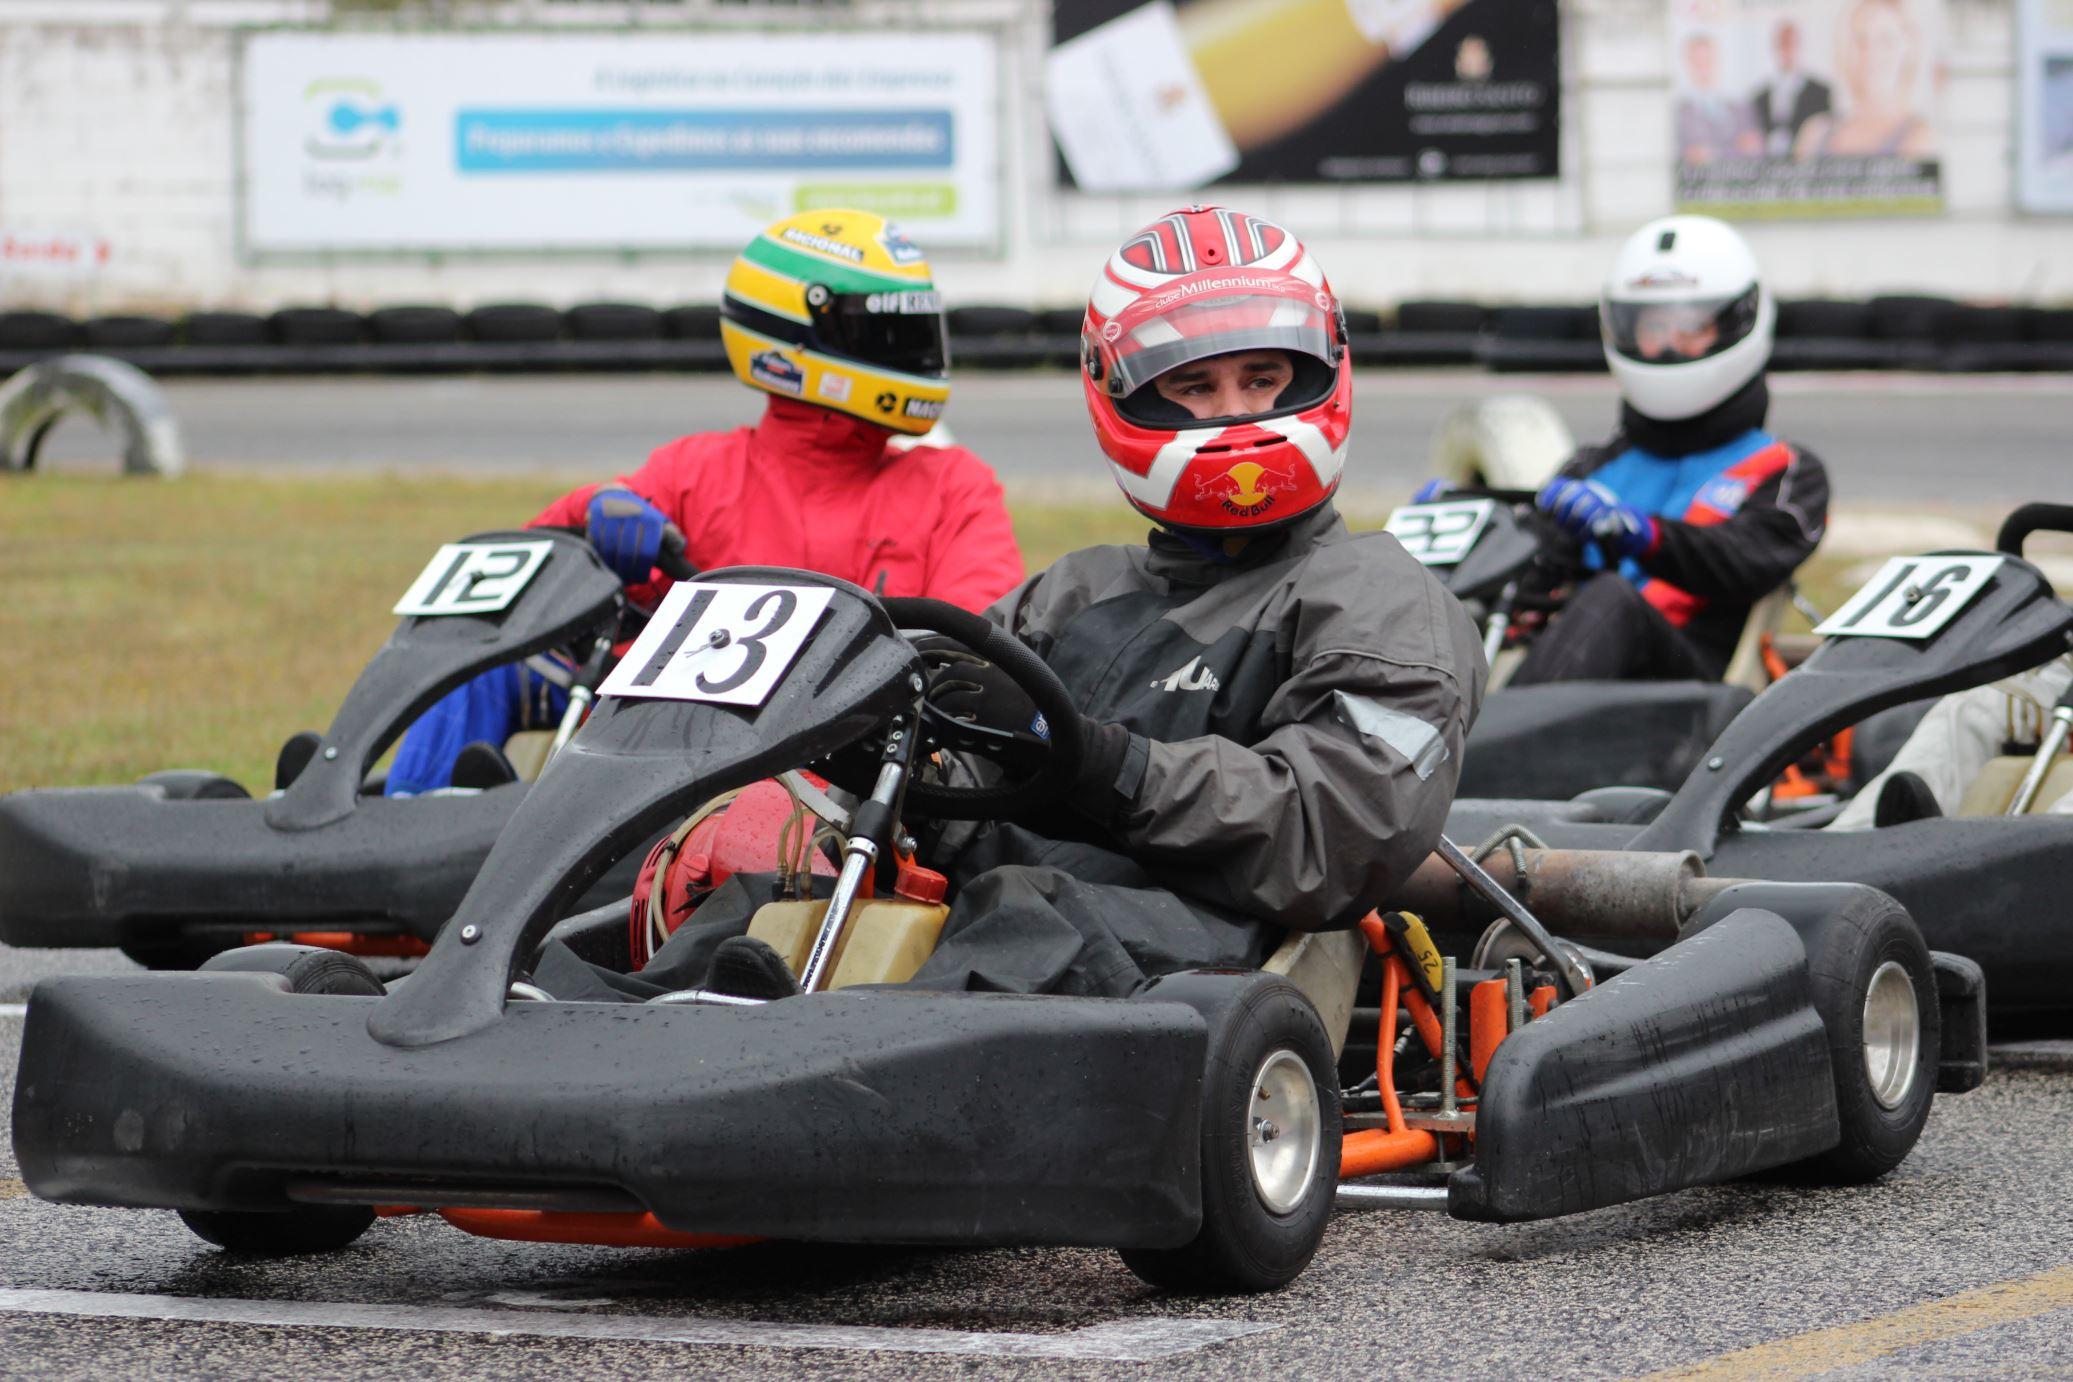 Troféu Honda 2014 - 2ª Prova50